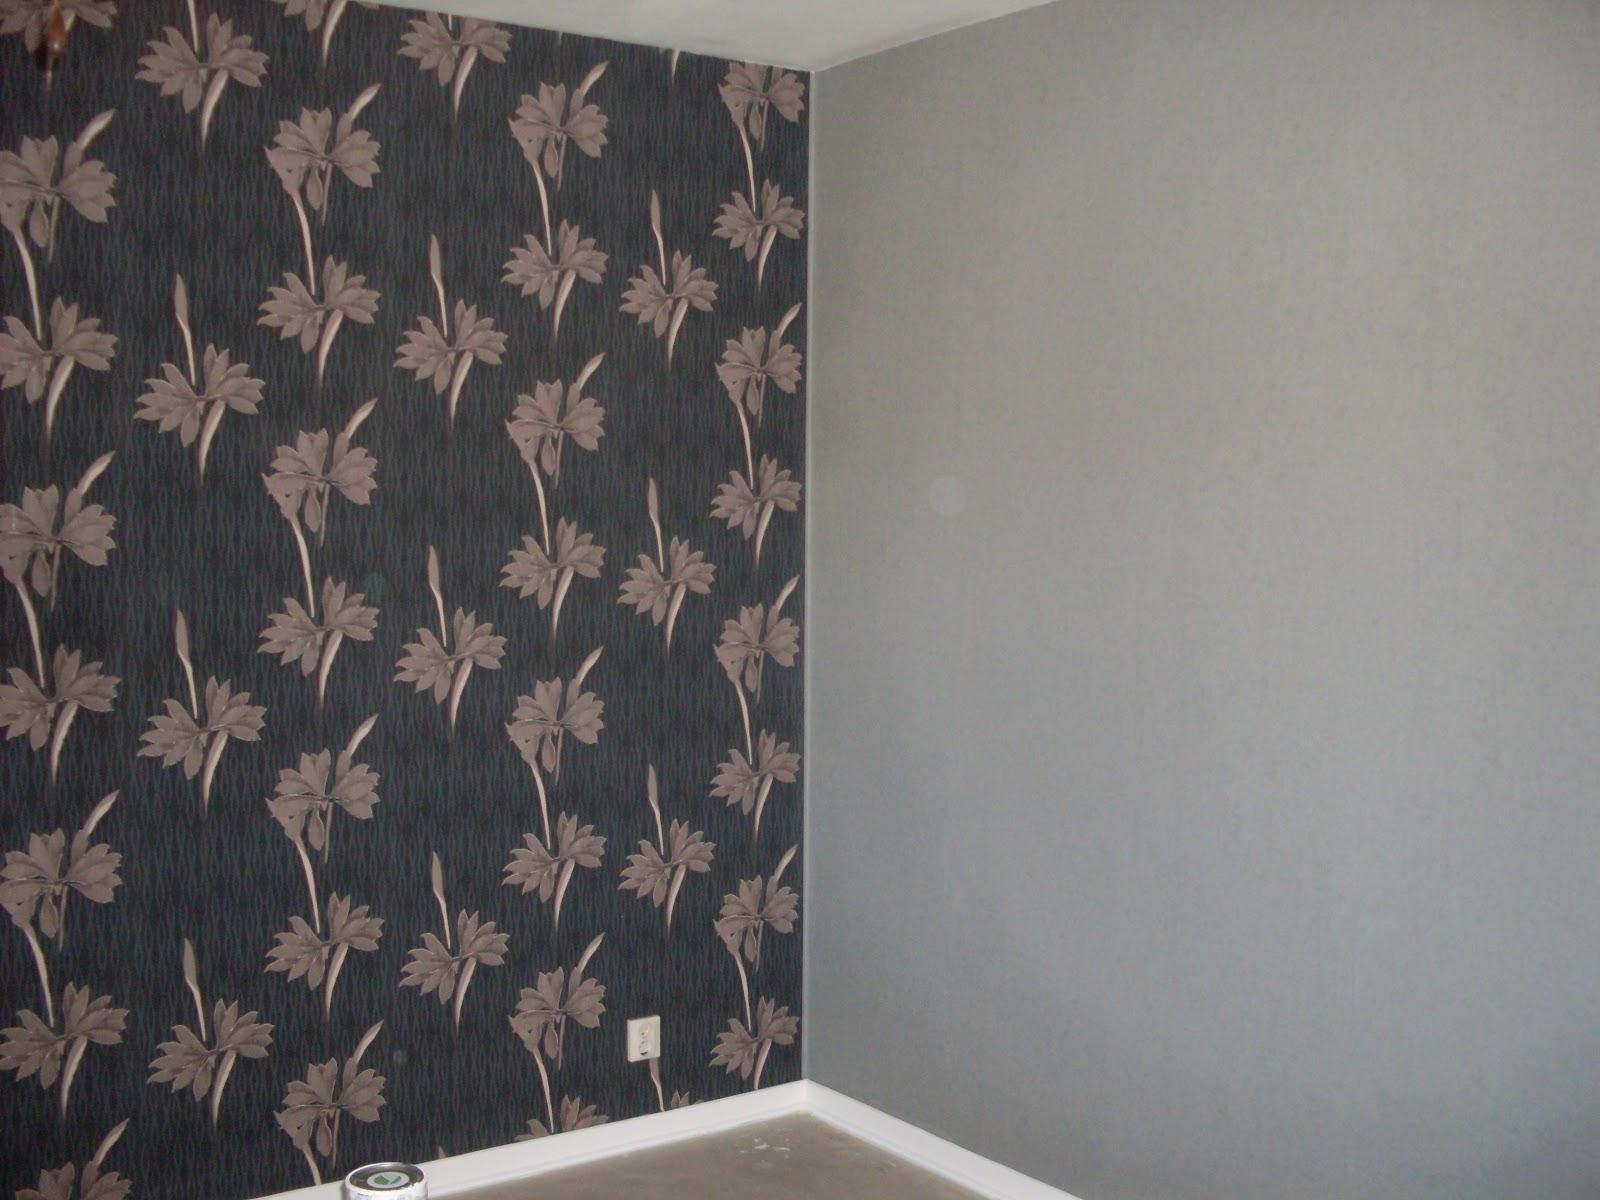 mitt nya liv nu sovrummet n stan klart med gr v ggar och fondv gg med m nster den gr f rgen. Black Bedroom Furniture Sets. Home Design Ideas